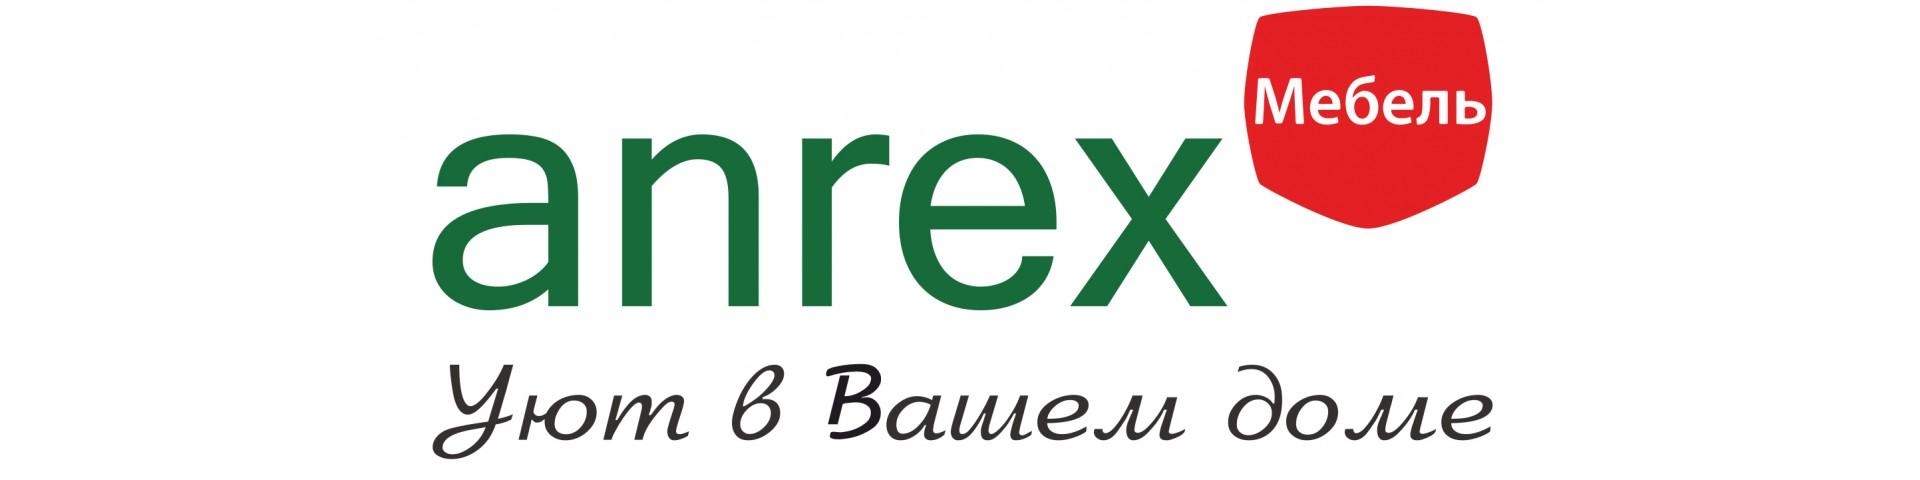 Купить мебель Anrex (Анрэкс) в Санкт-Петербурге